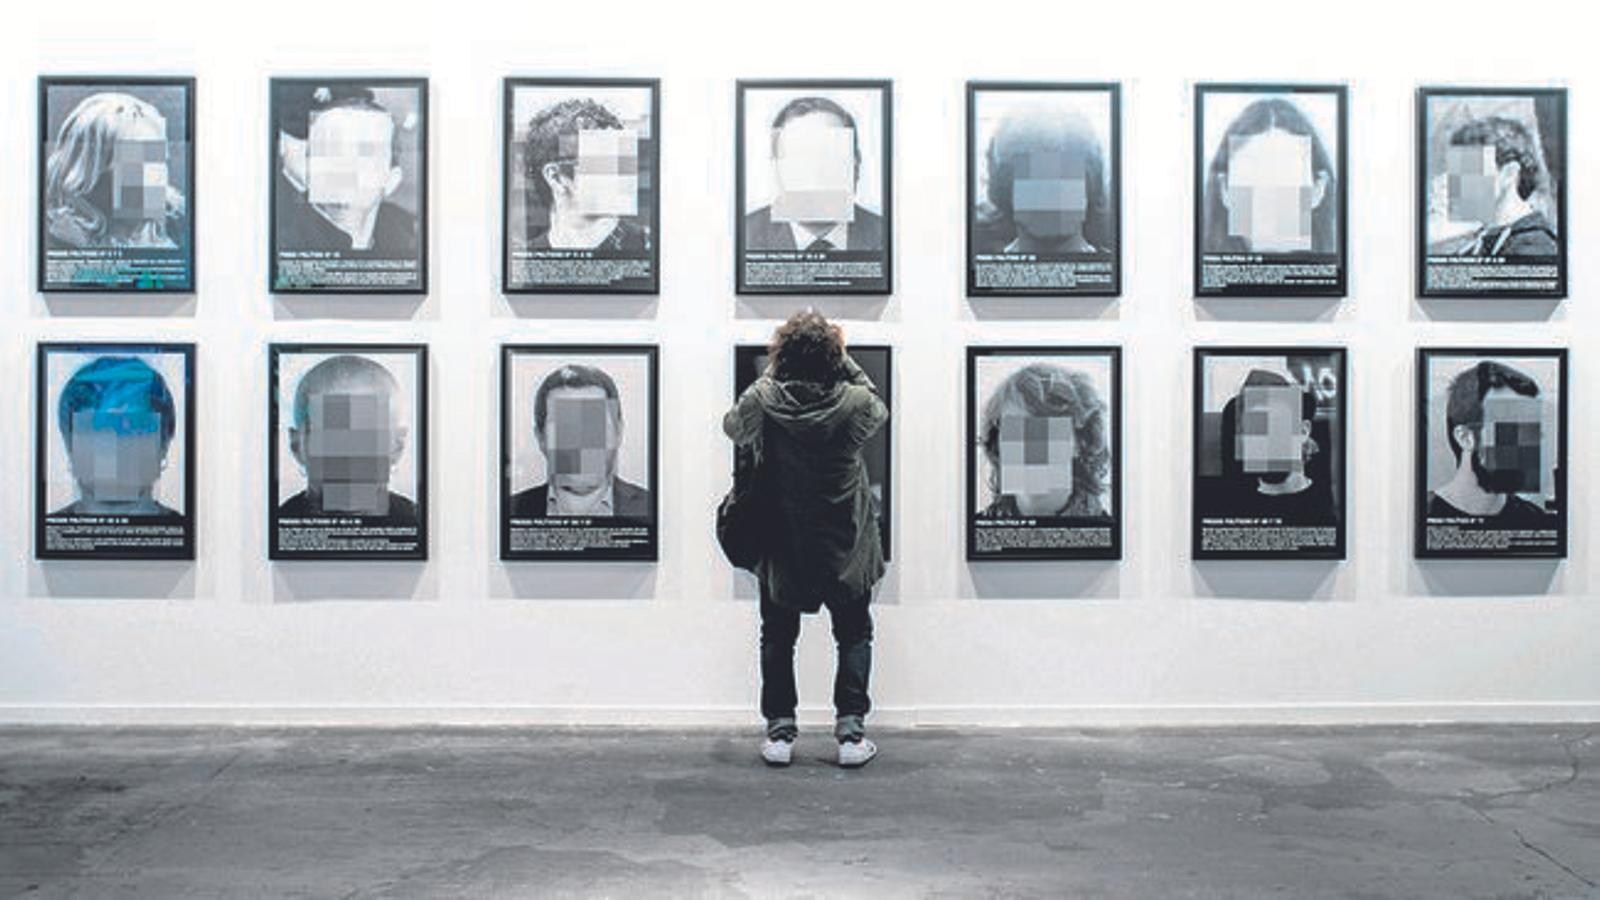 El Museu de Lleida exposarà l'obra censurada a Arco a partir del 7 de març